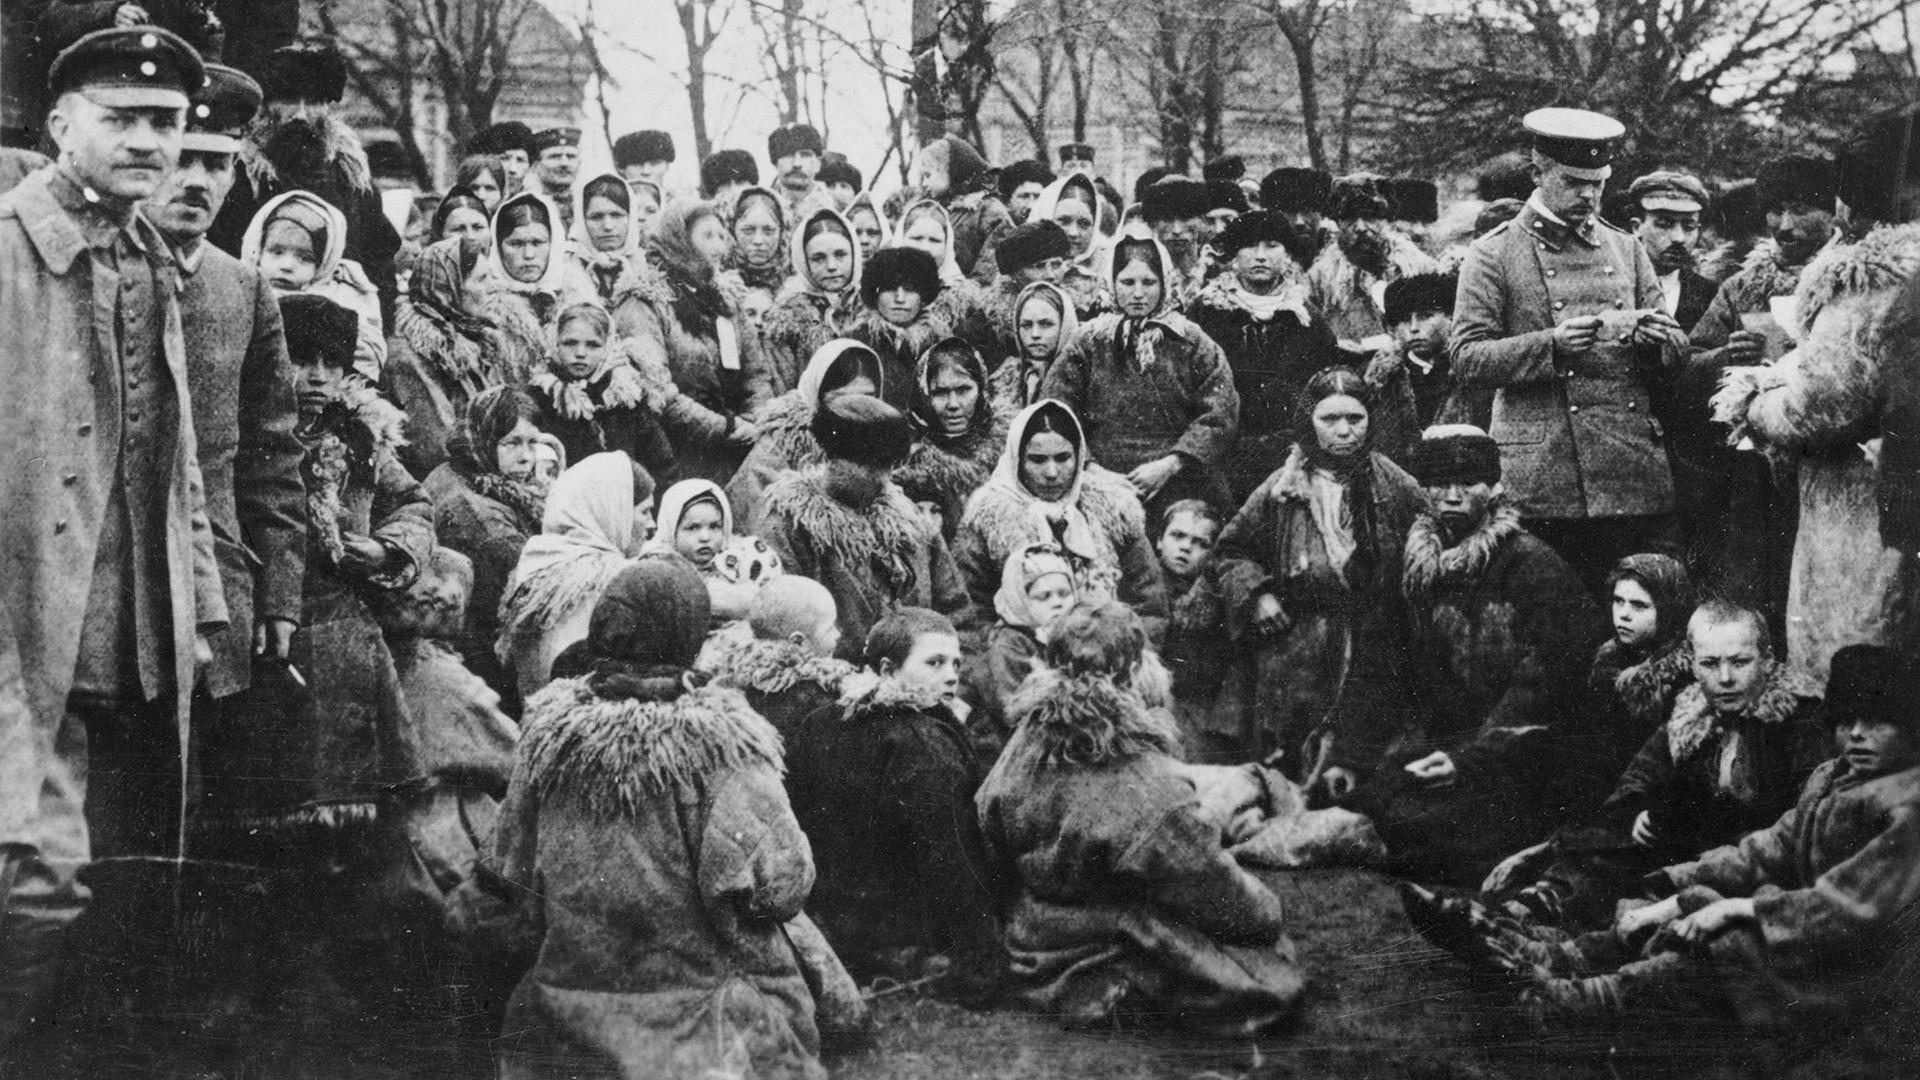 Група еврейски преселници на открито в Русия. Единият от тримата цивилни представители на държавата с тях им проверява документите.